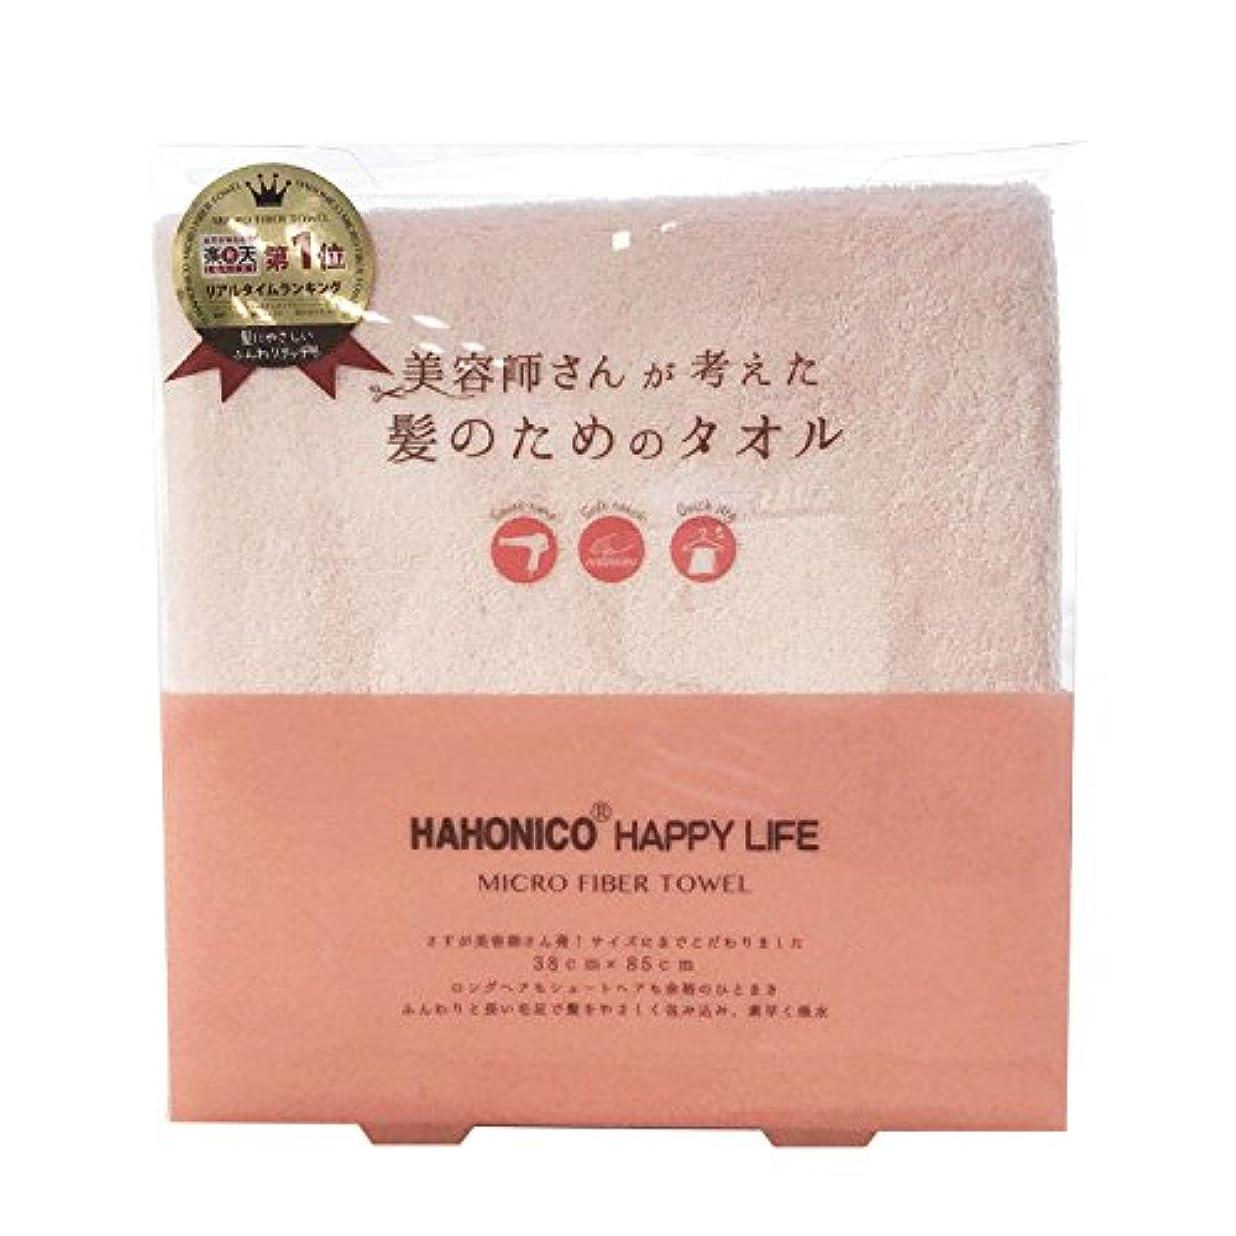 簡略化する寄り添う傾向ハホニコ ヘアドライマイクロファイバータオル ピンク